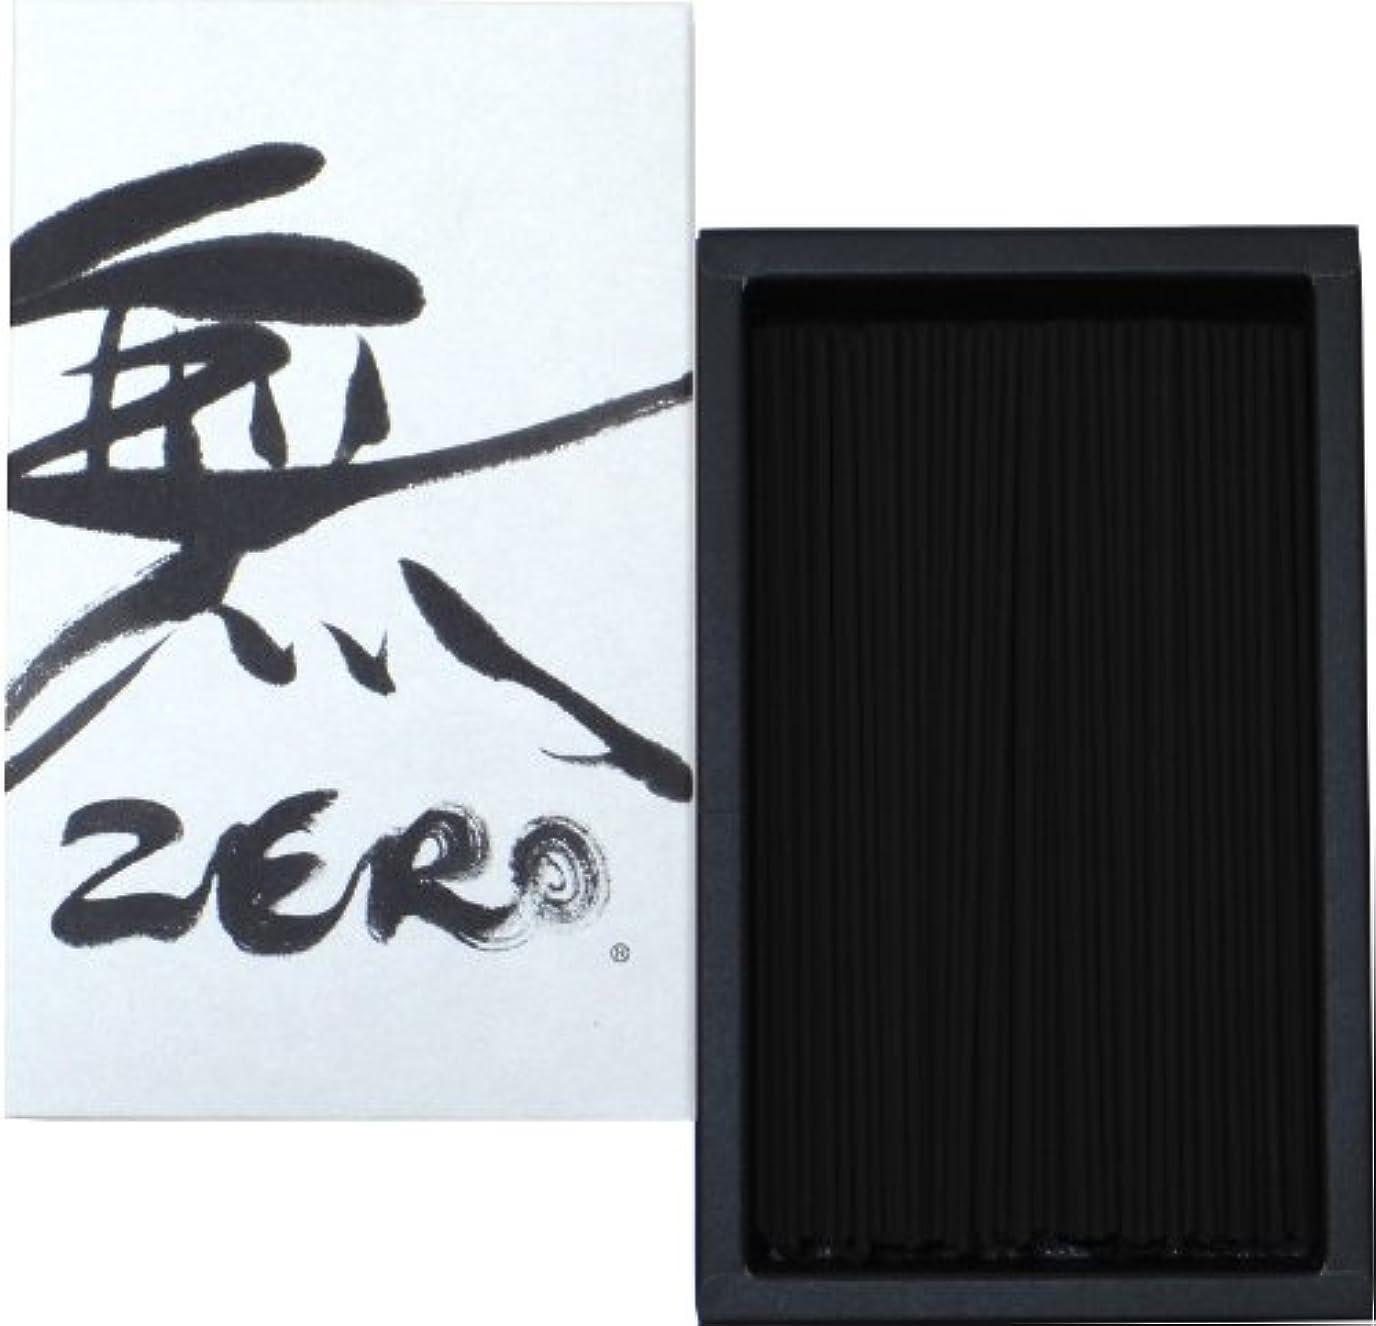 回答アドバンテージ眠っている丸叶むらたのお線香 無 ZERO(ゼロ)大バラ 約160g #ZR-01